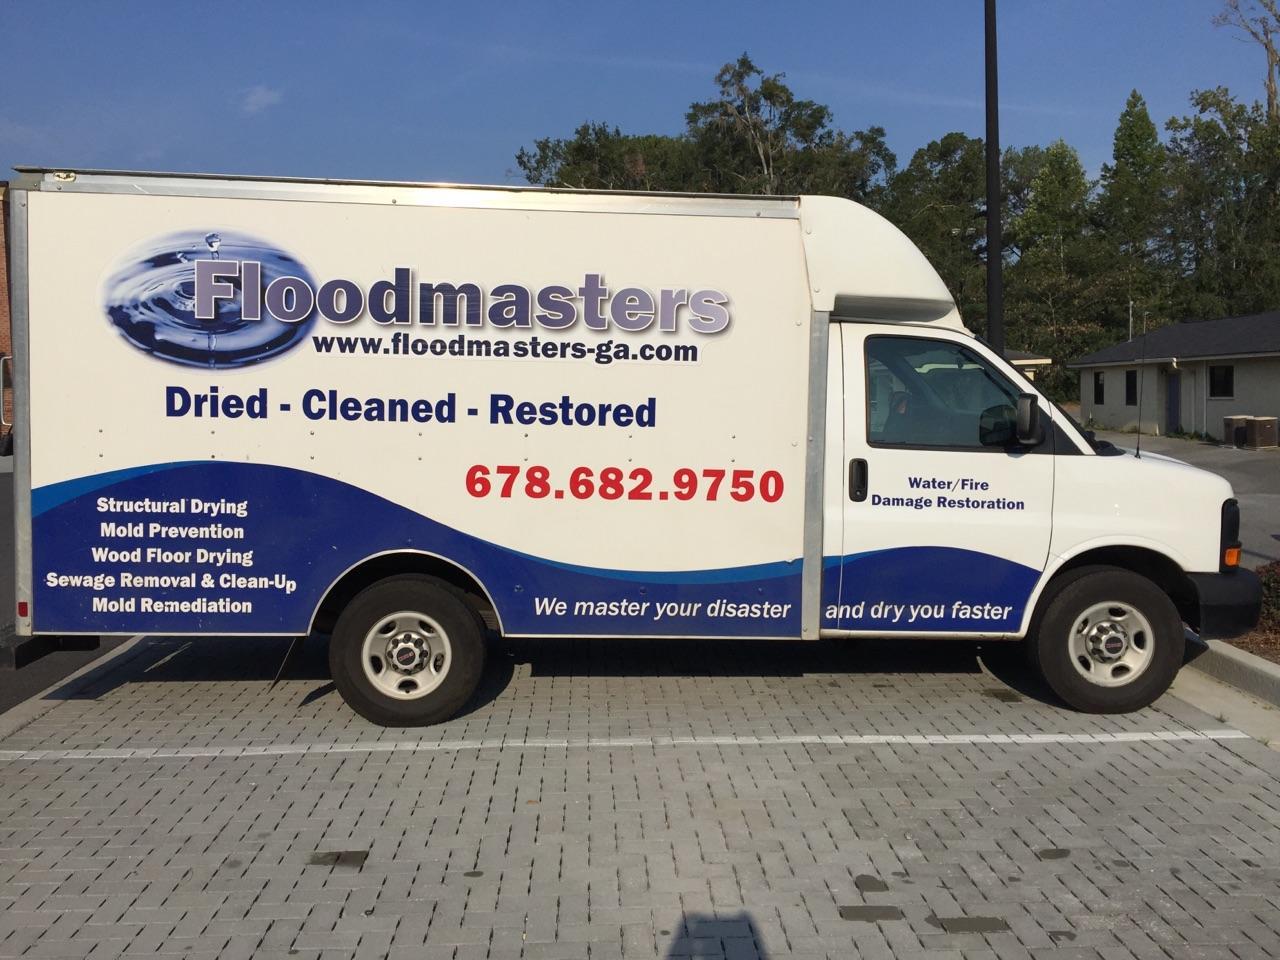 Floodmasters image 3